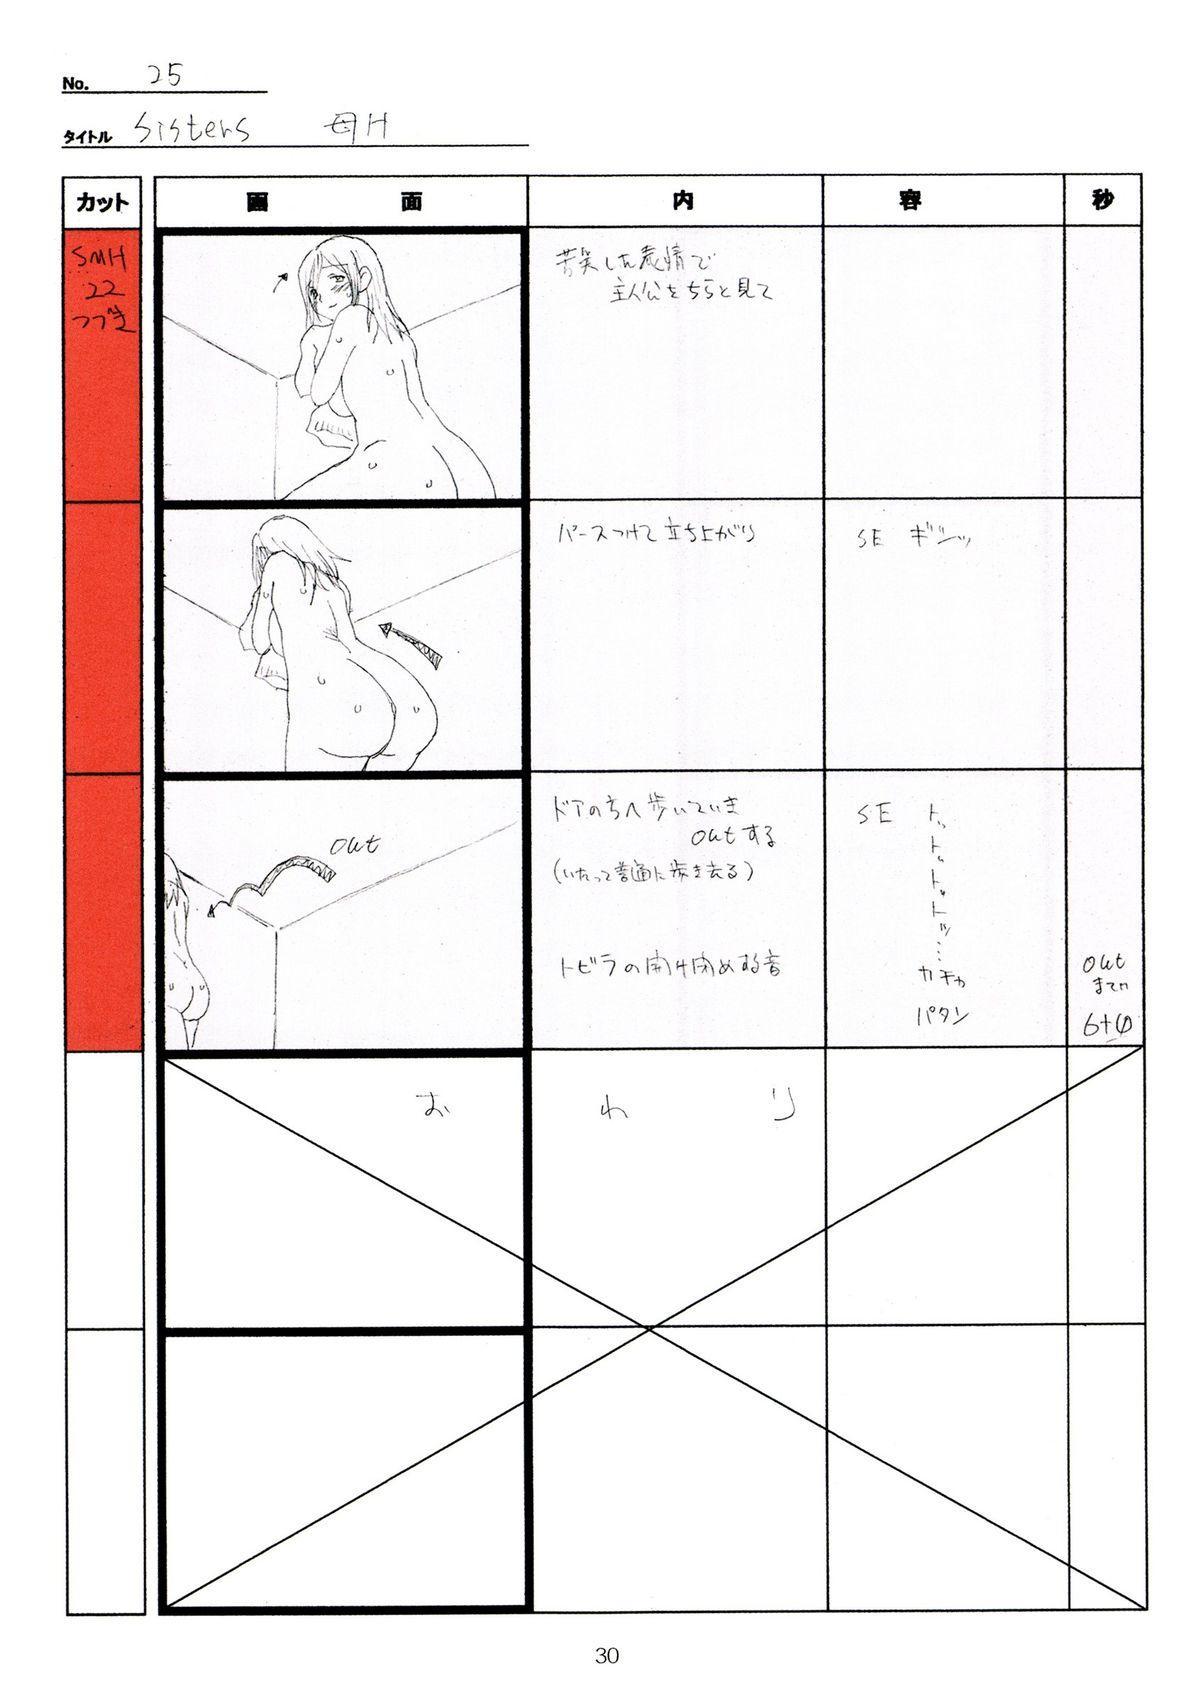 (C89) [Makino Jimusho (Taki Minashika)] SISTERS -Natsu no Saigo no Hi- H Scene All Part Storyboard (SISTERS -Natsu no Saigo no Hi-) 29